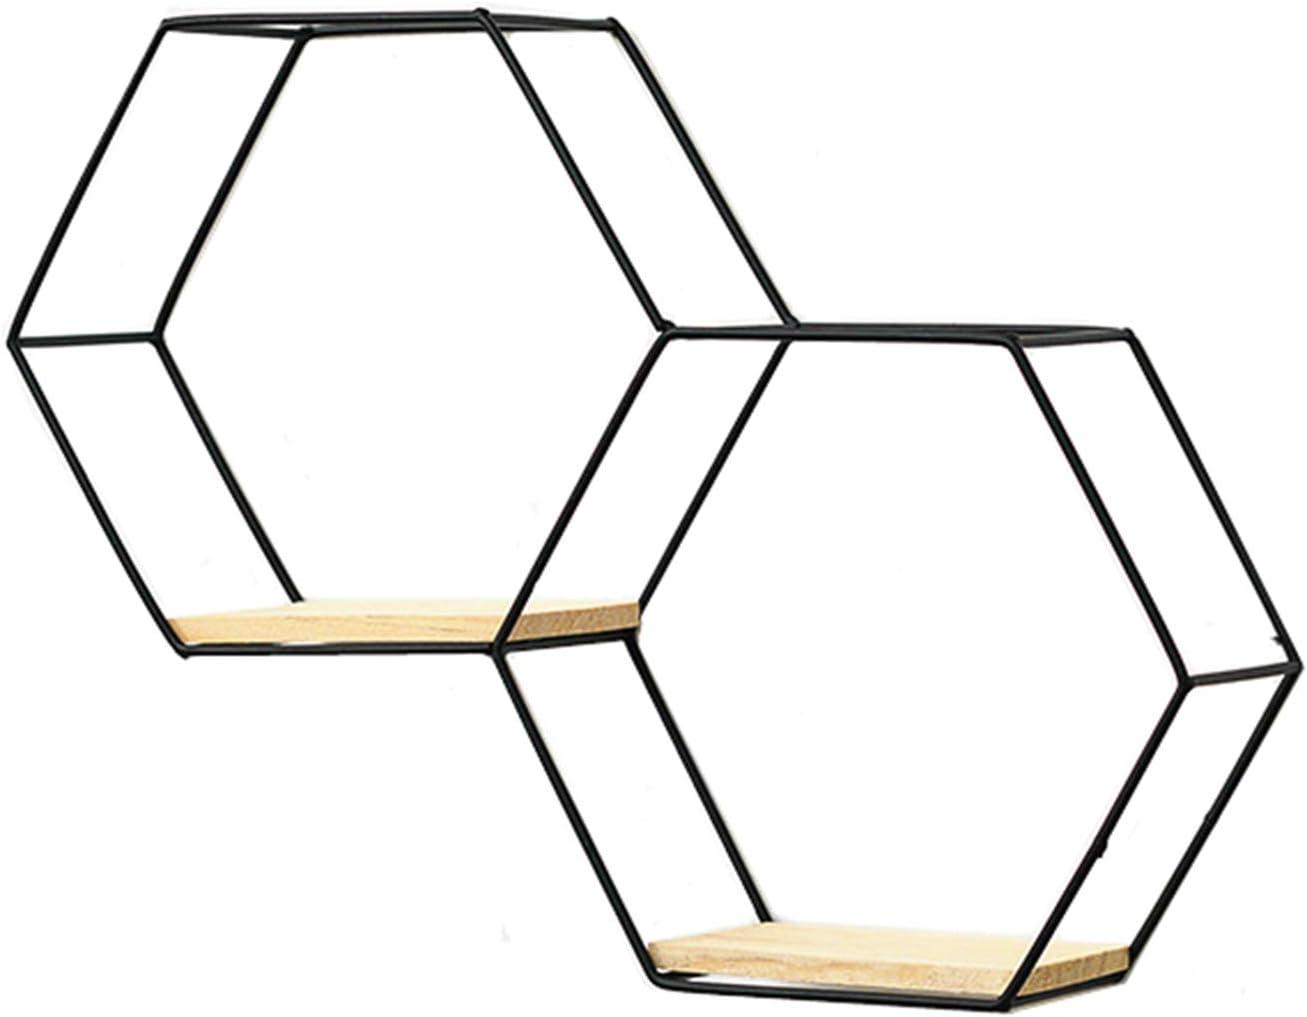 salon /Étag/ère murale Hexagon 1 pi/èce 1 pi/èce Pour chambre /à coucher RAILONCH /Étag/ère murale en m/étal /Étag/ère flottante Noir//dor/é